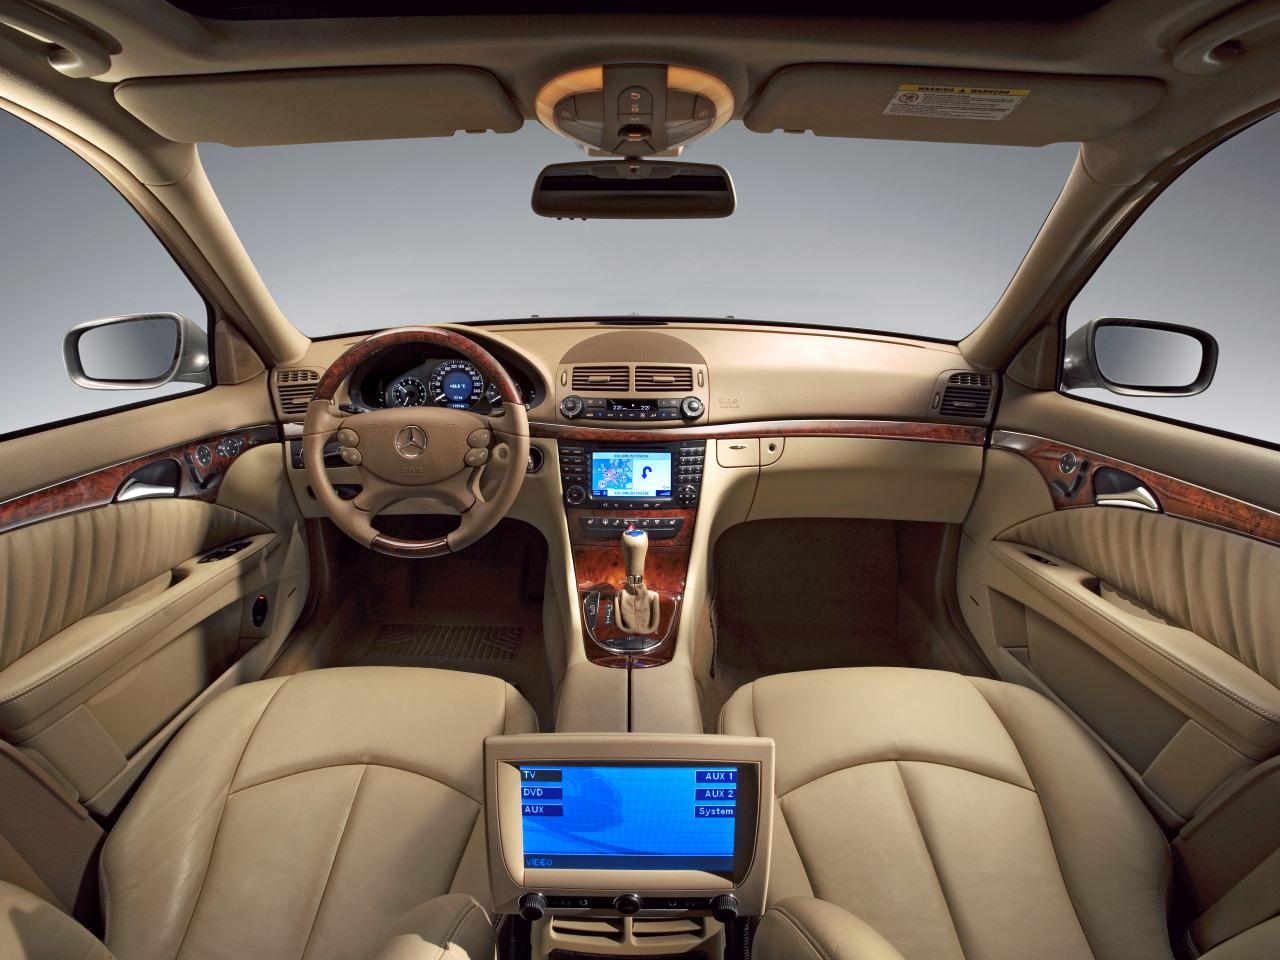 2007 E-Klasse Elegance Interieur - Mercedes-Benz Wallpaper - MB ...